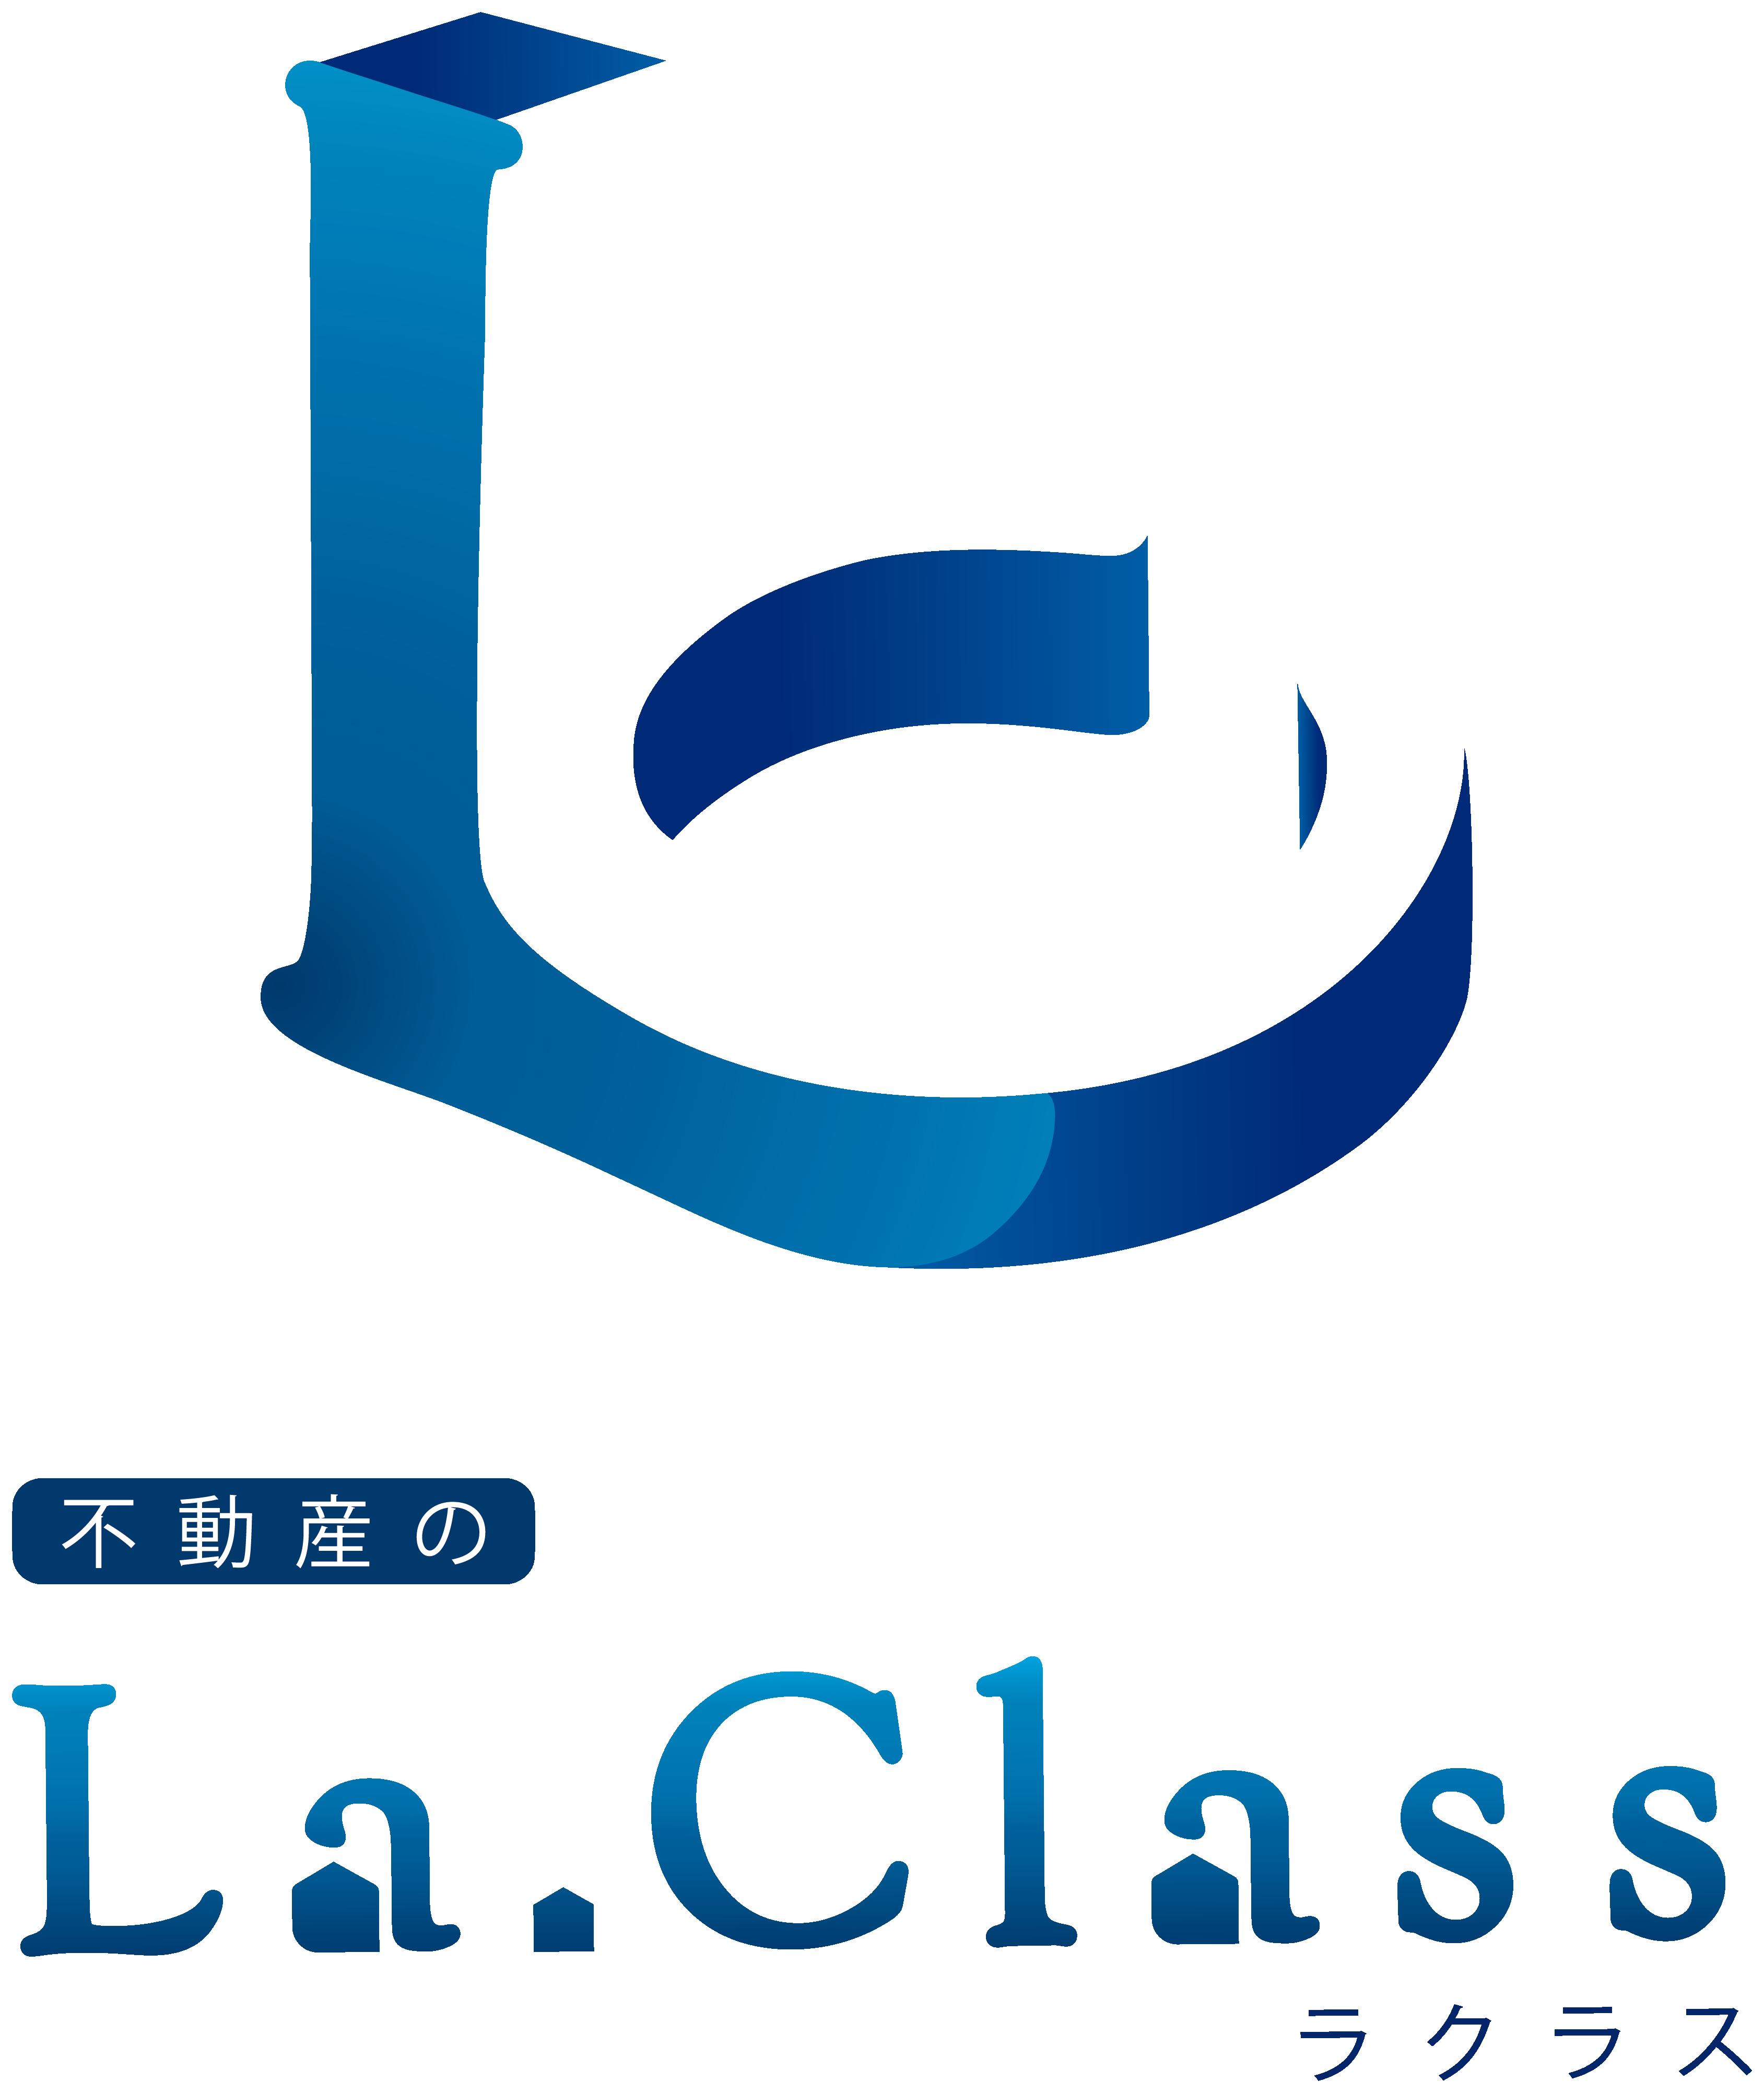 不動産業と立体的と紺のロゴ